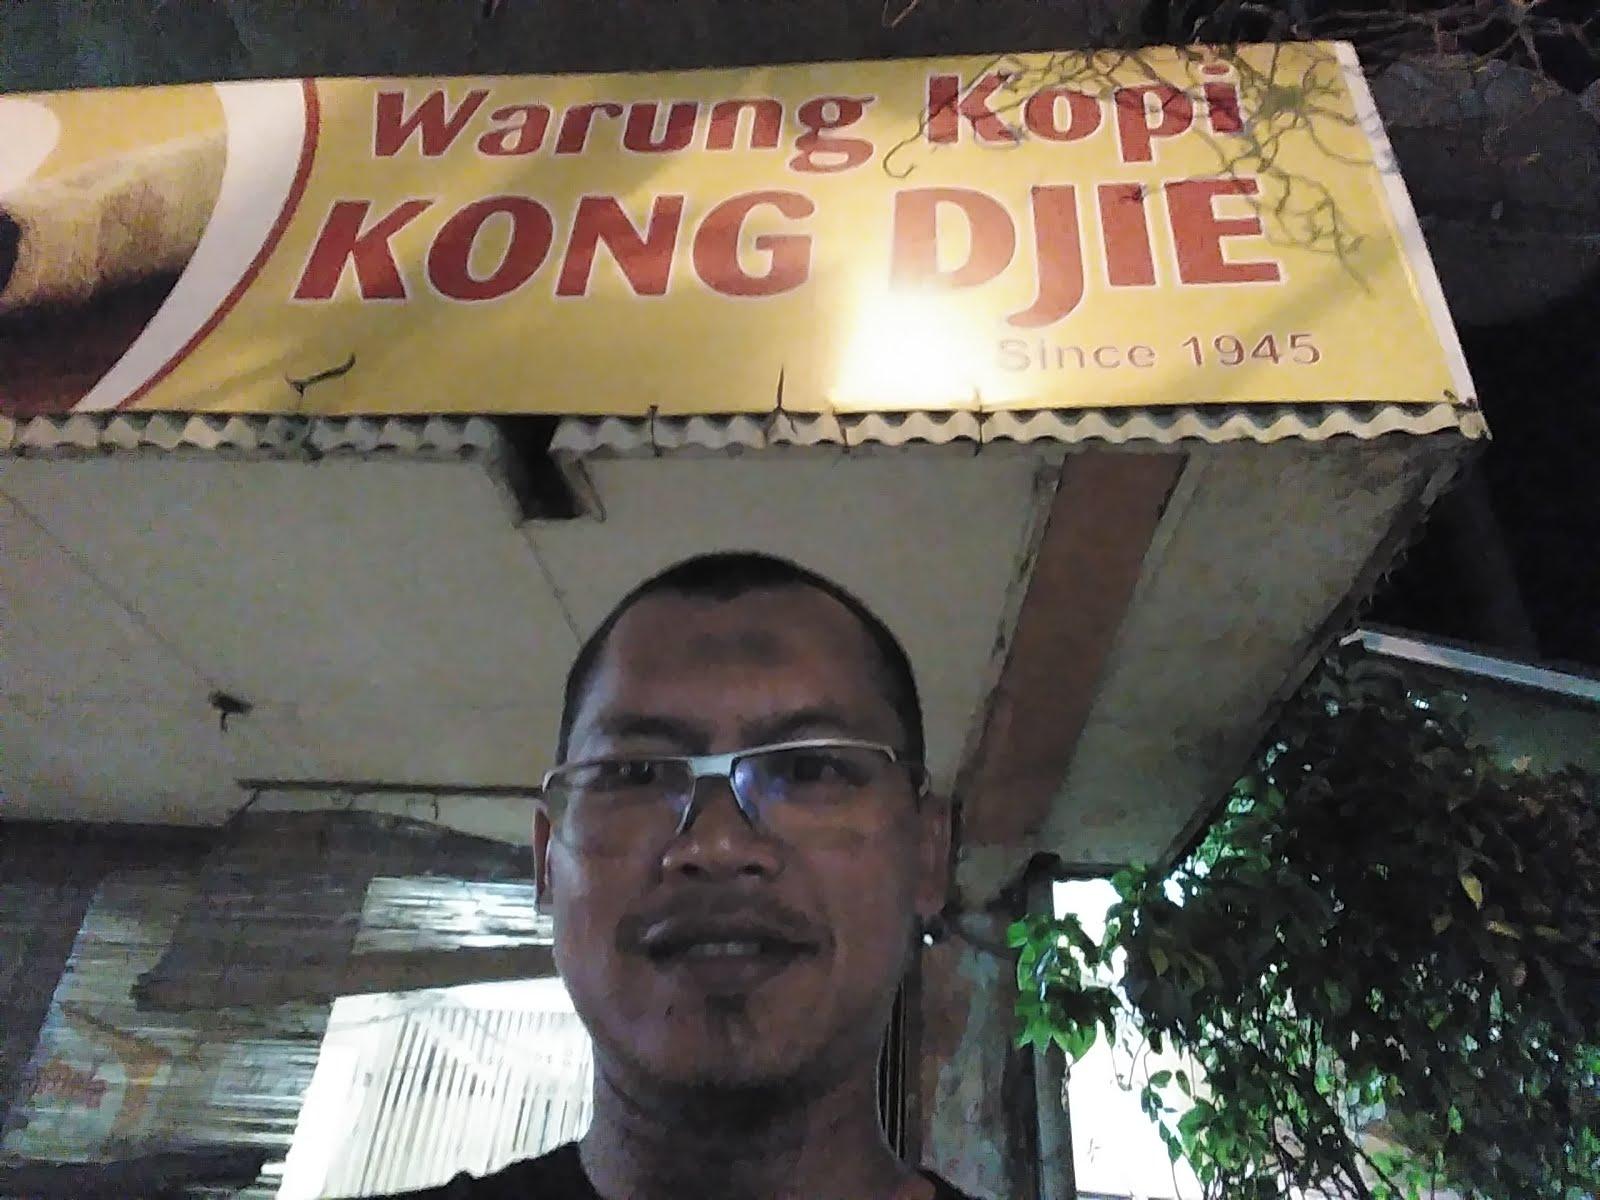 Khong Djie